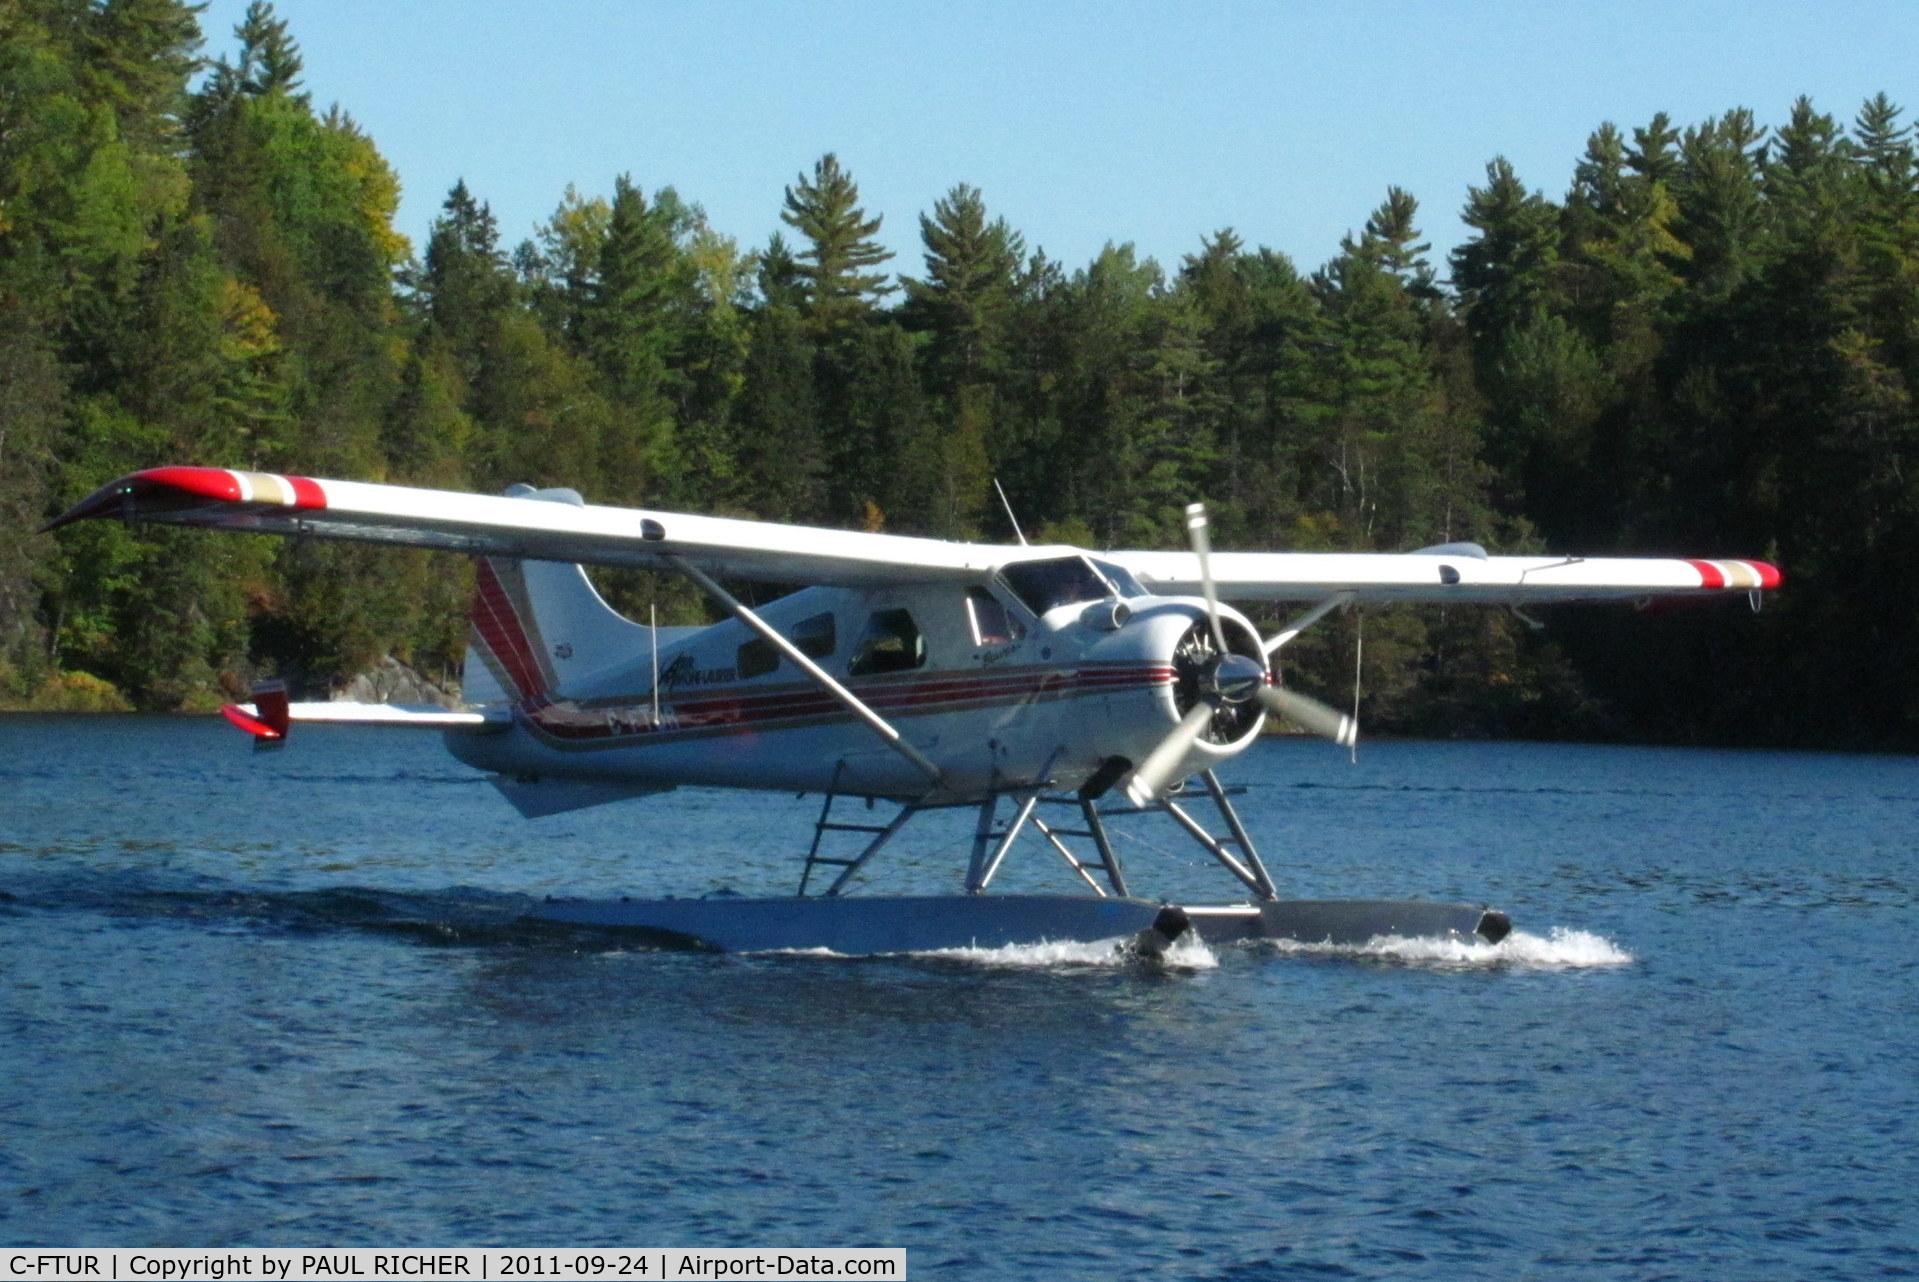 C-FTUR, 1963 De Havilland Canada DHC-2 MK. I C/N 1529, Air Mont-Laurier flight on Lac Mitchell, QC